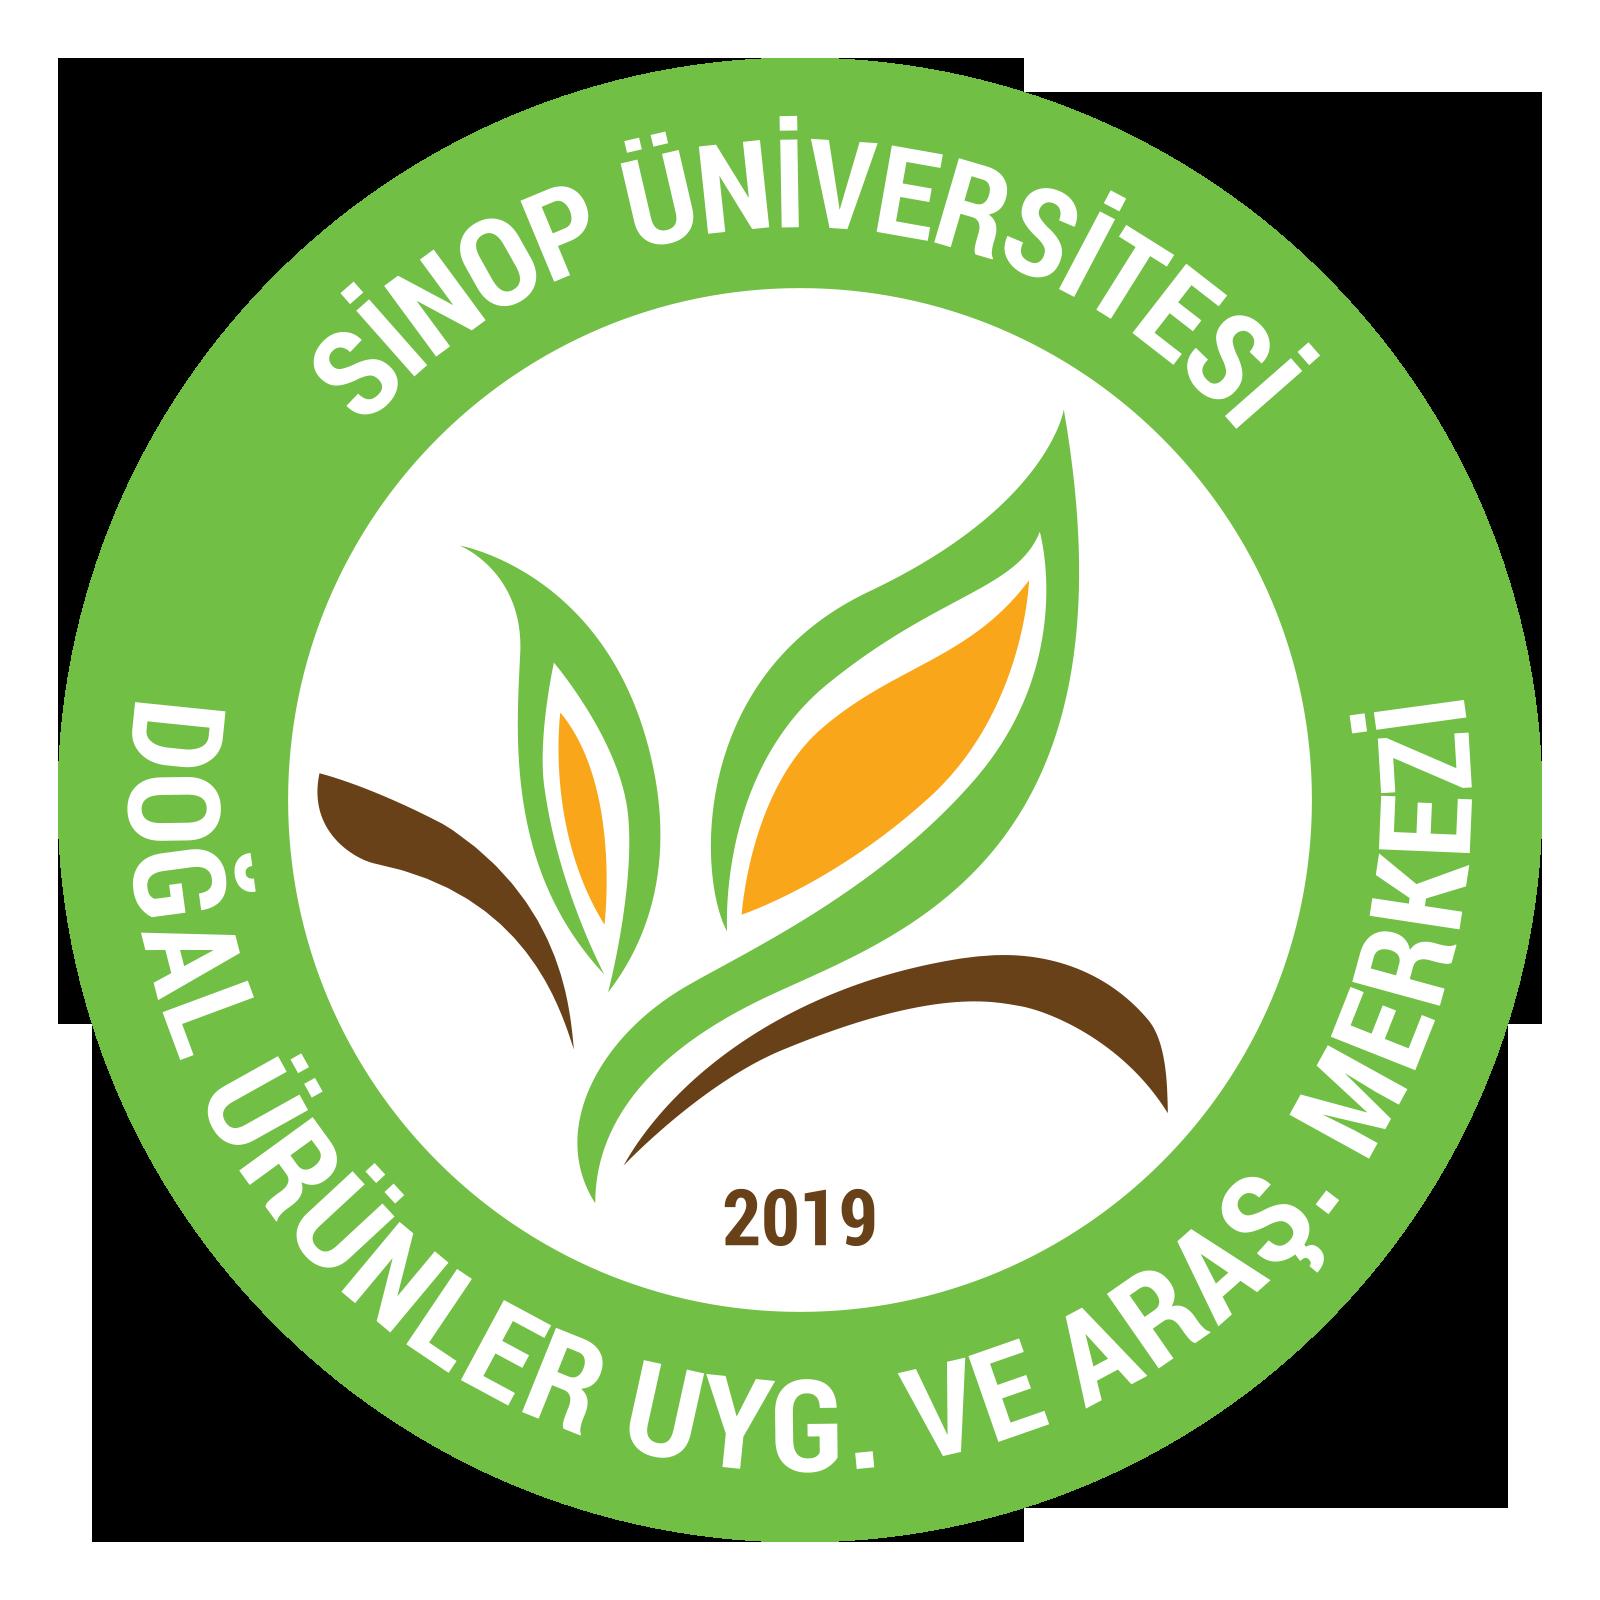 dogal_urunler_merkezi_logo